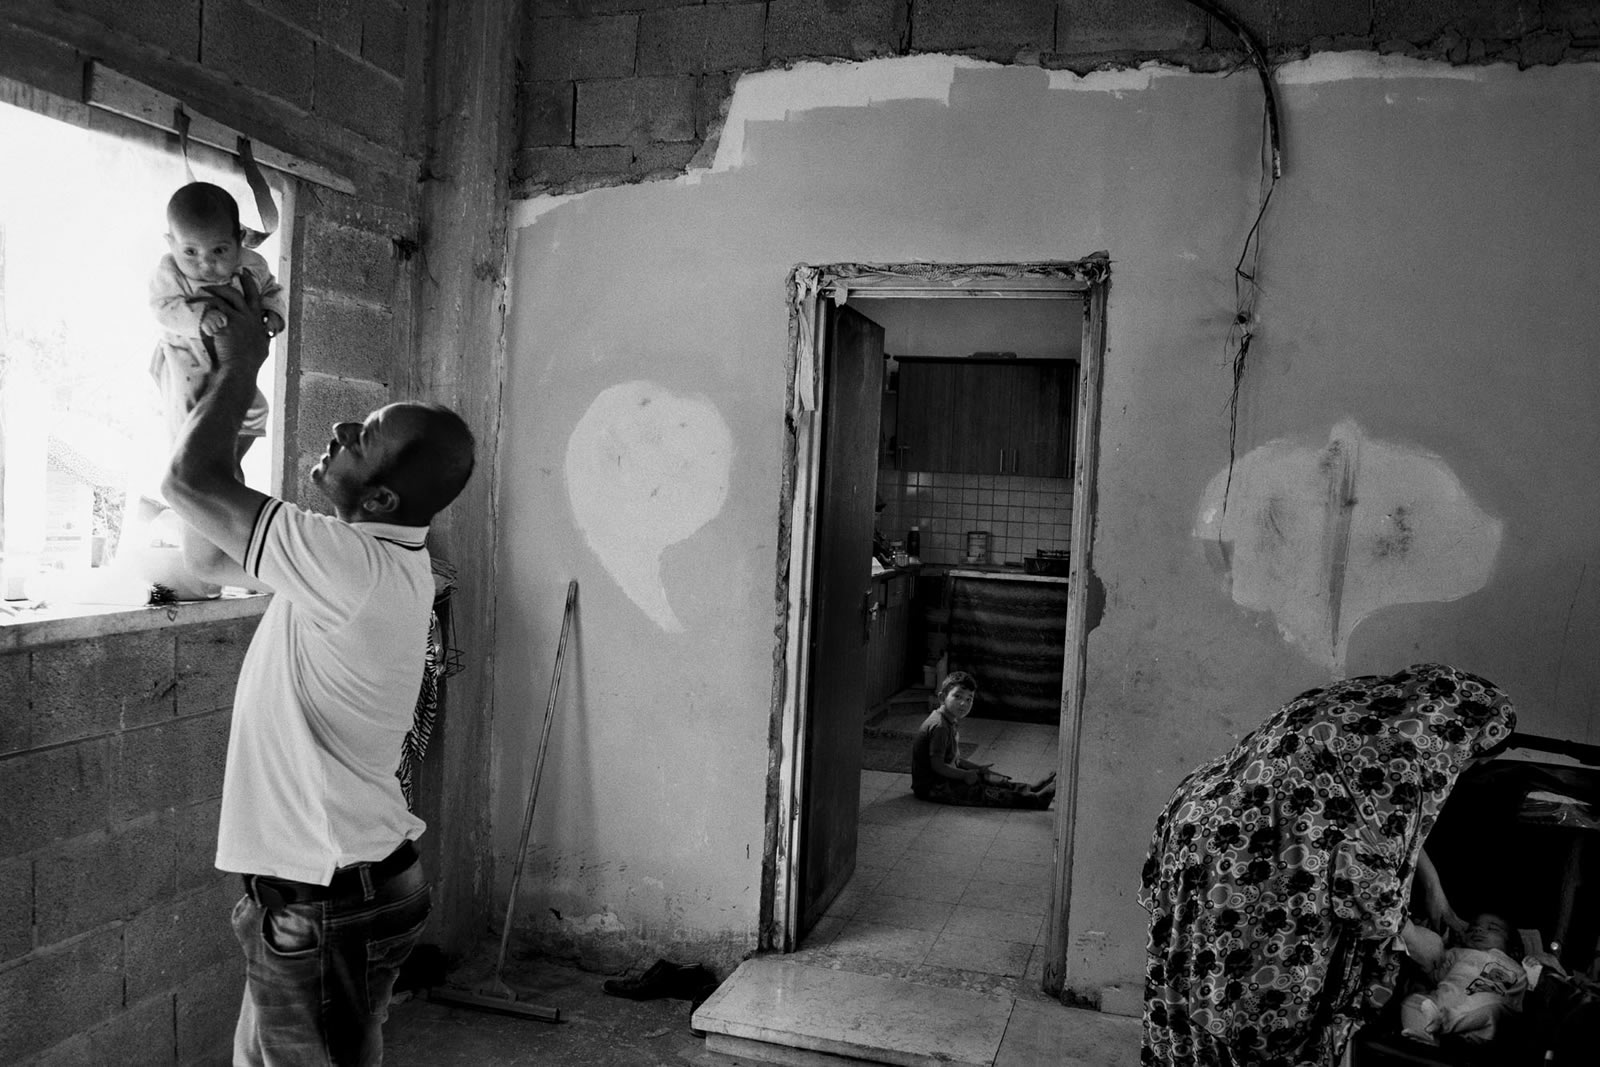 43歲的拉伊德是六名孩子的父親,在衝突中遭以色列軍人開槍擊傷,令他無法再工作以養活妻兒。他正受到憂鬱症狀的困擾。© Moises Saman/Magnum Photos